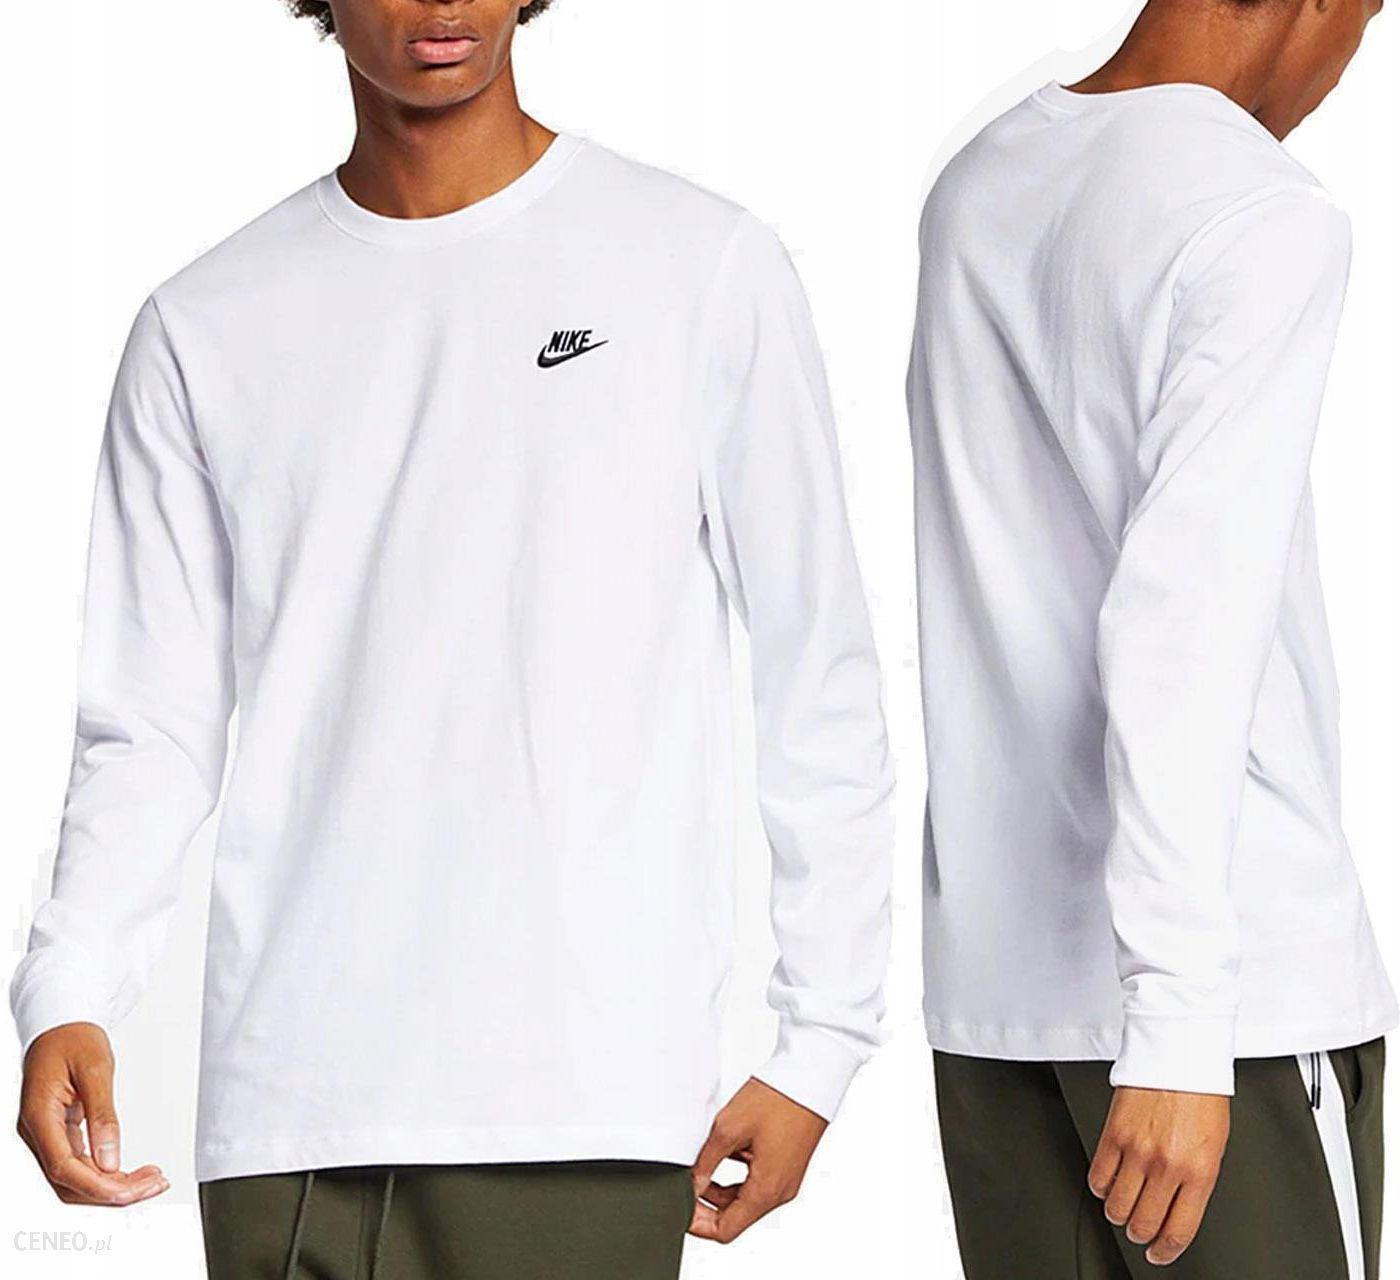 Prosty i elegancki Koszulka Nike Męska Air Force 1 Z Długim